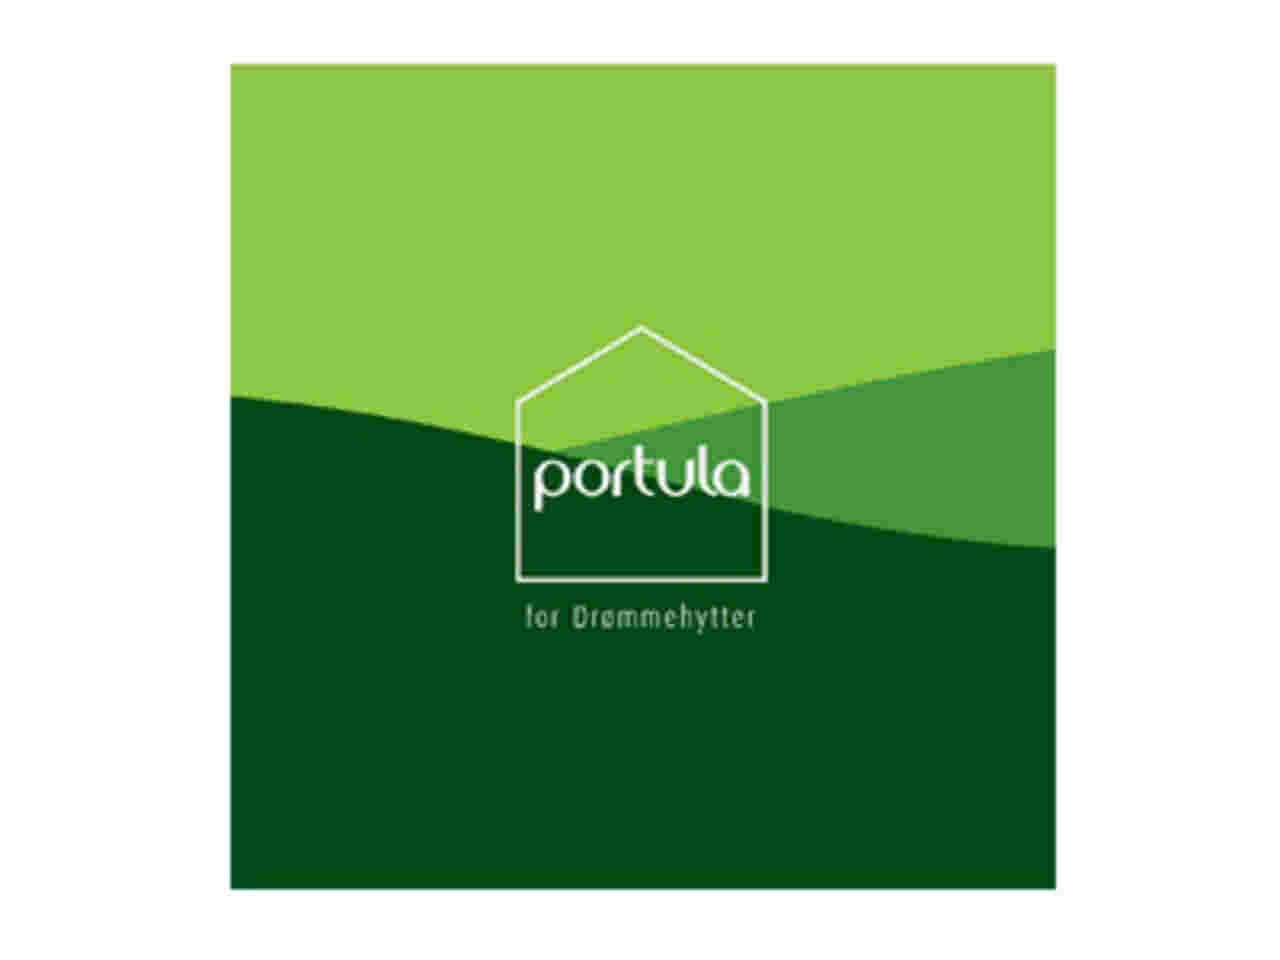 Portula Bouw & Ontwikkeling